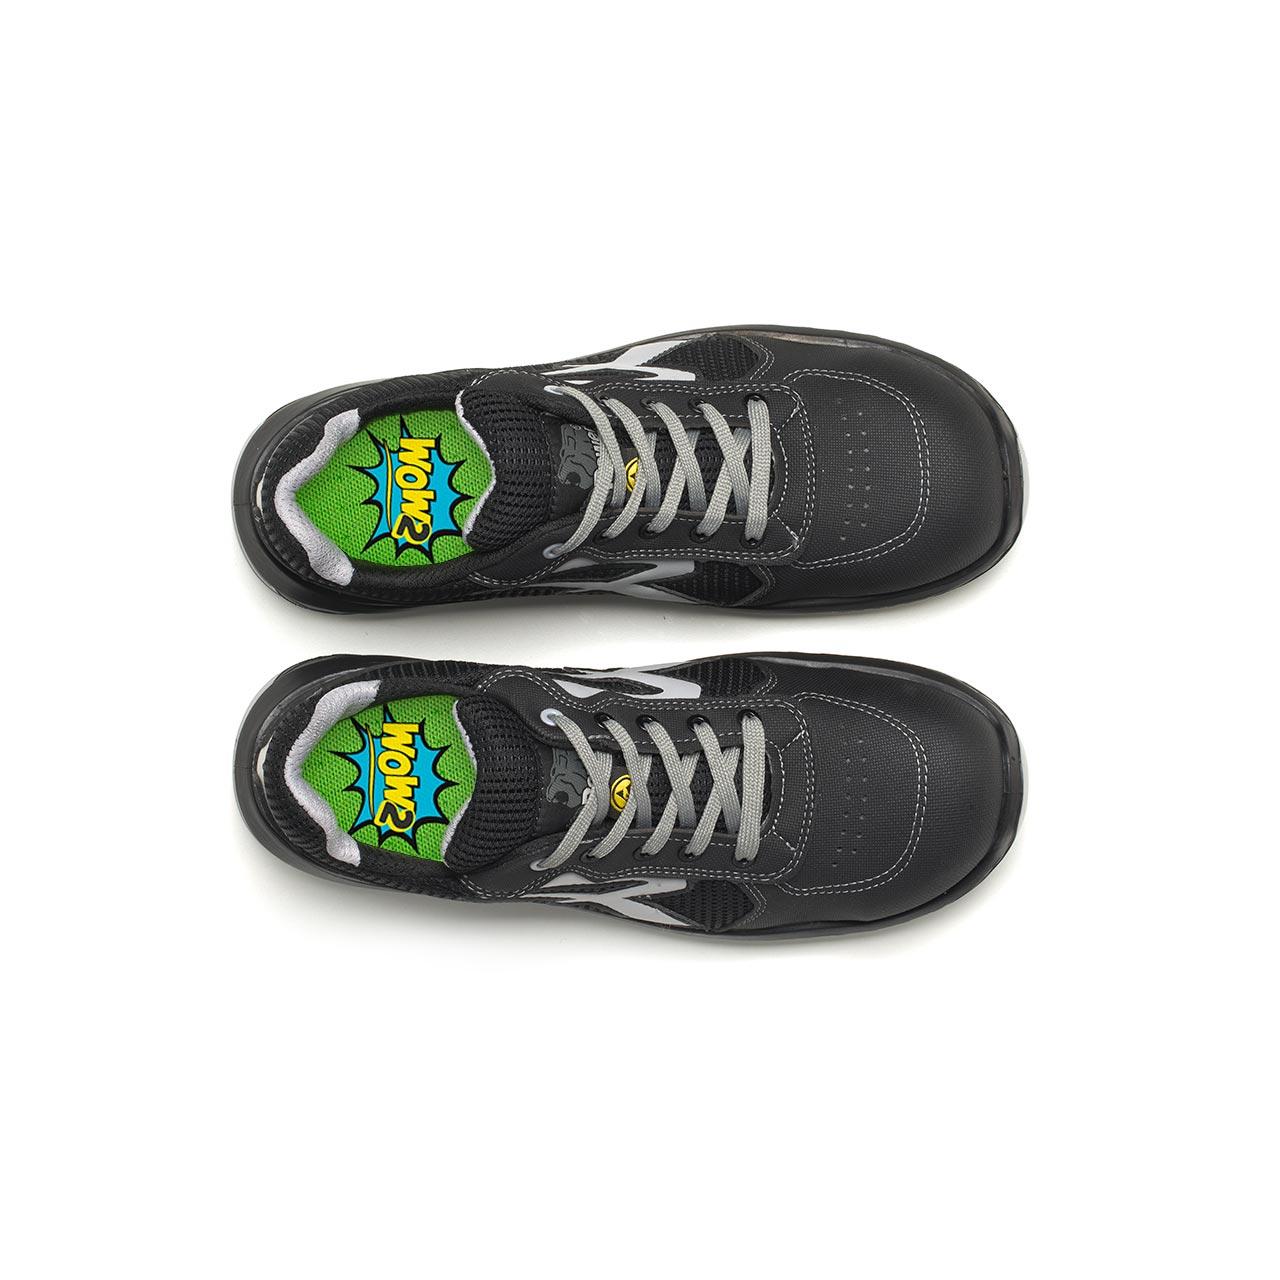 paio di scarpe antinfortunistiche upower modello shanghai linea redindustry vista top